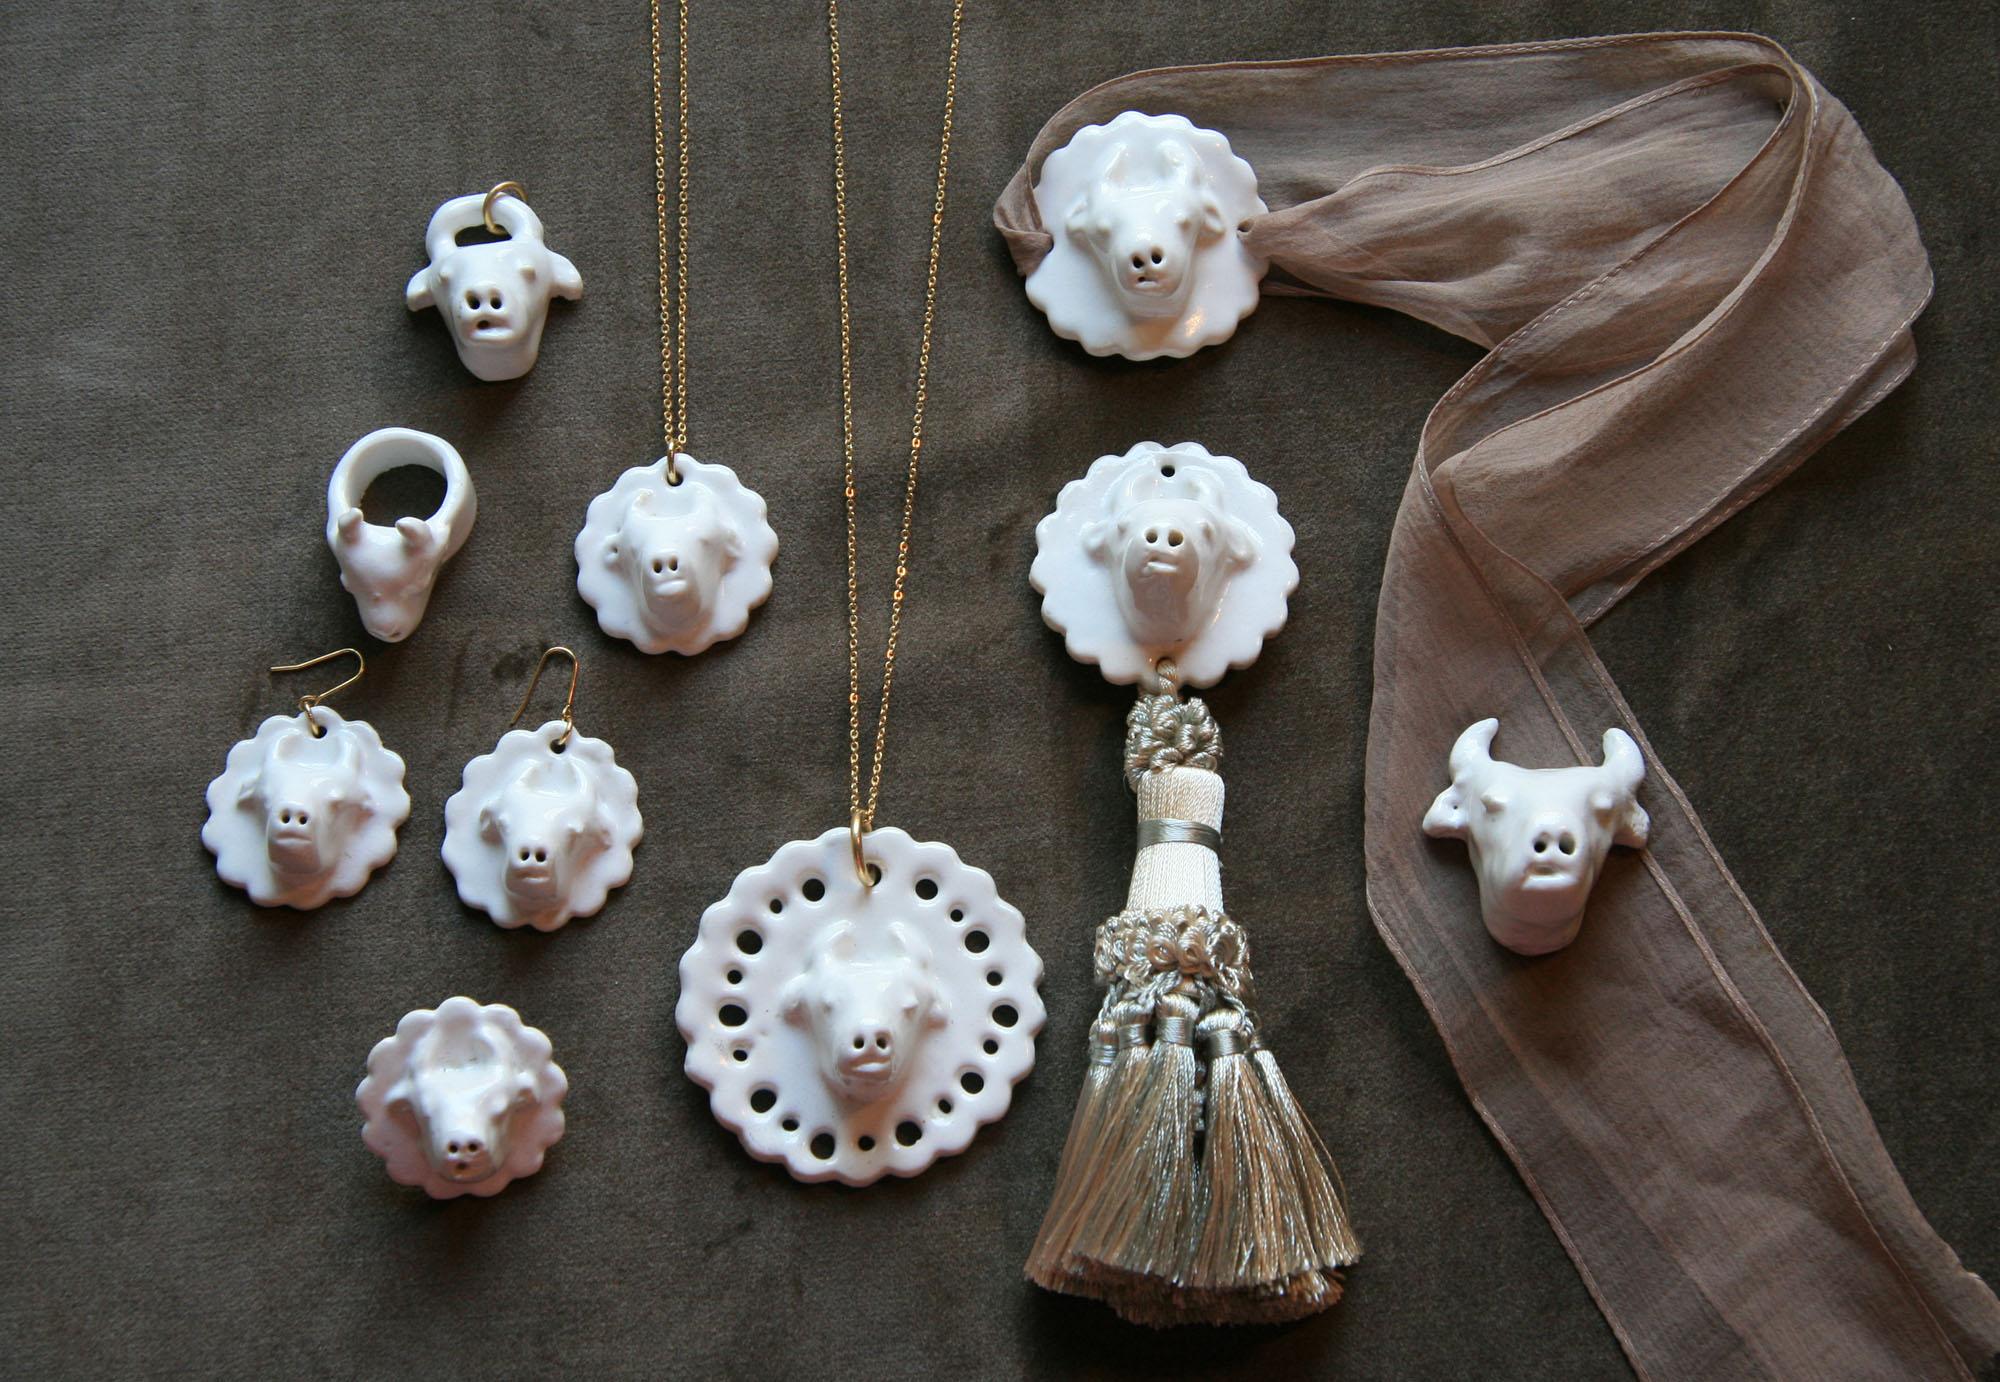 Birbira・・・陶器食器・アクセサリー・オブジェ・フラワーベース/B品たち  mother dictionary 春の会 2012